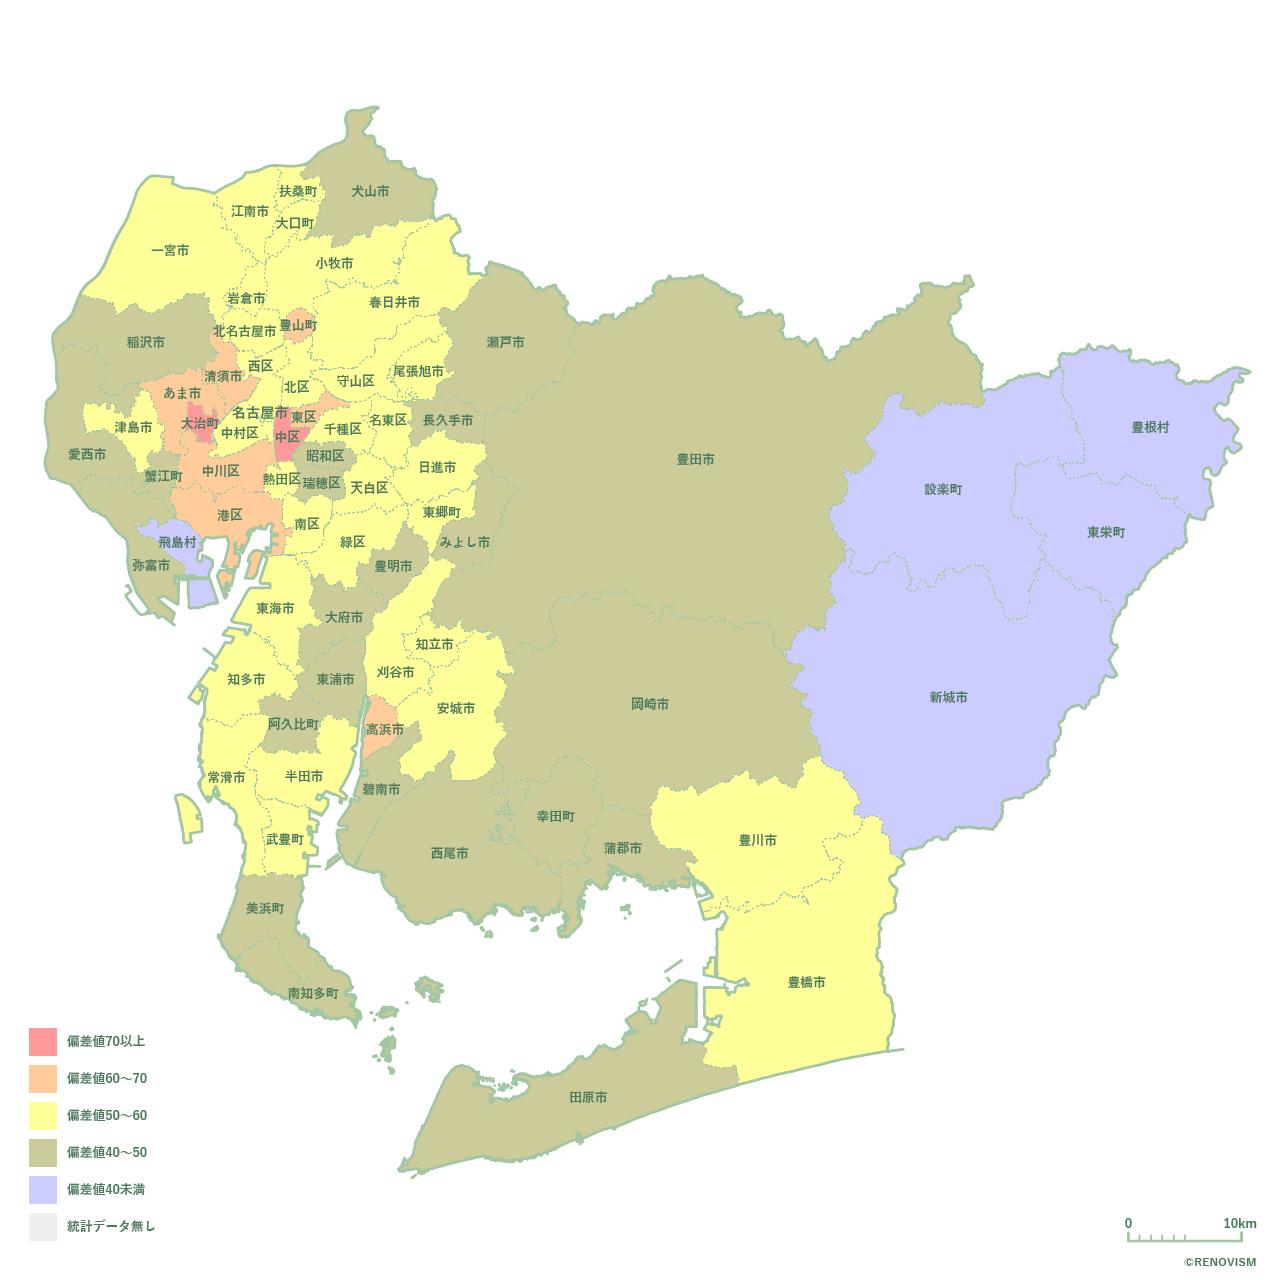 69地域県別【離婚率マップ】愛知県編 2020年